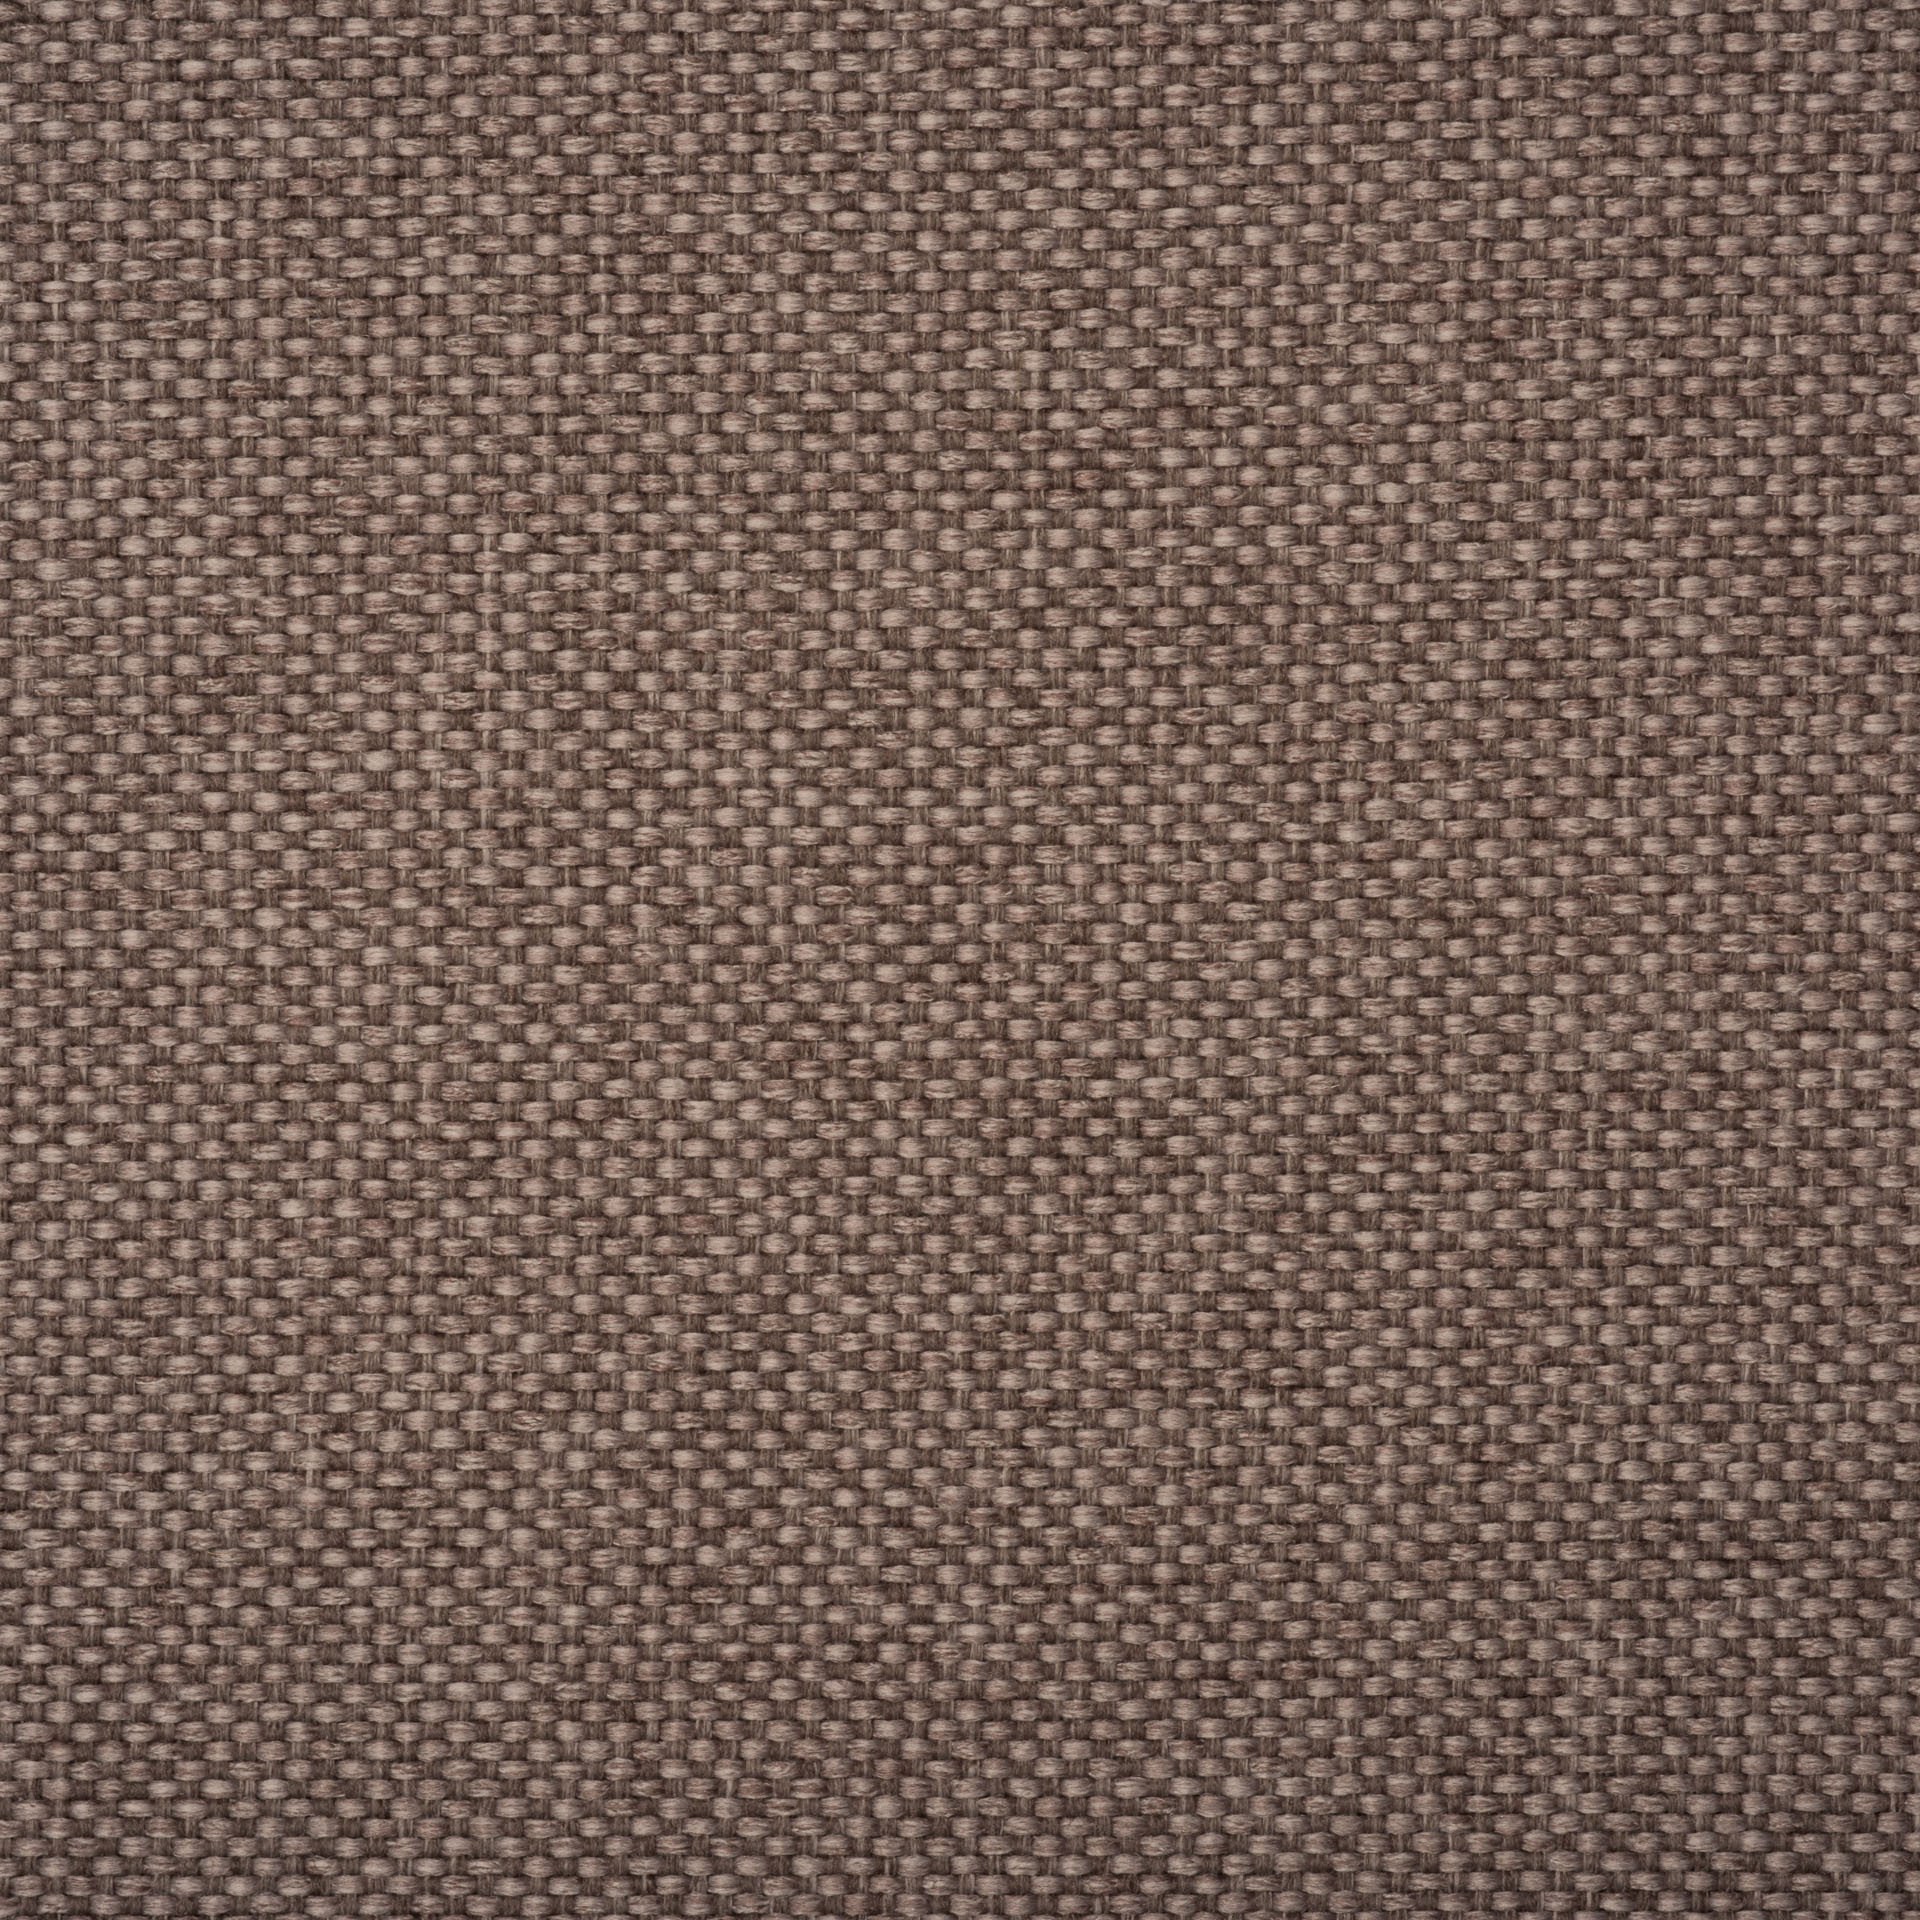 Коллекция ткани Багама 09 Capuchino New,  купить ткань Жаккард для мебели Украина